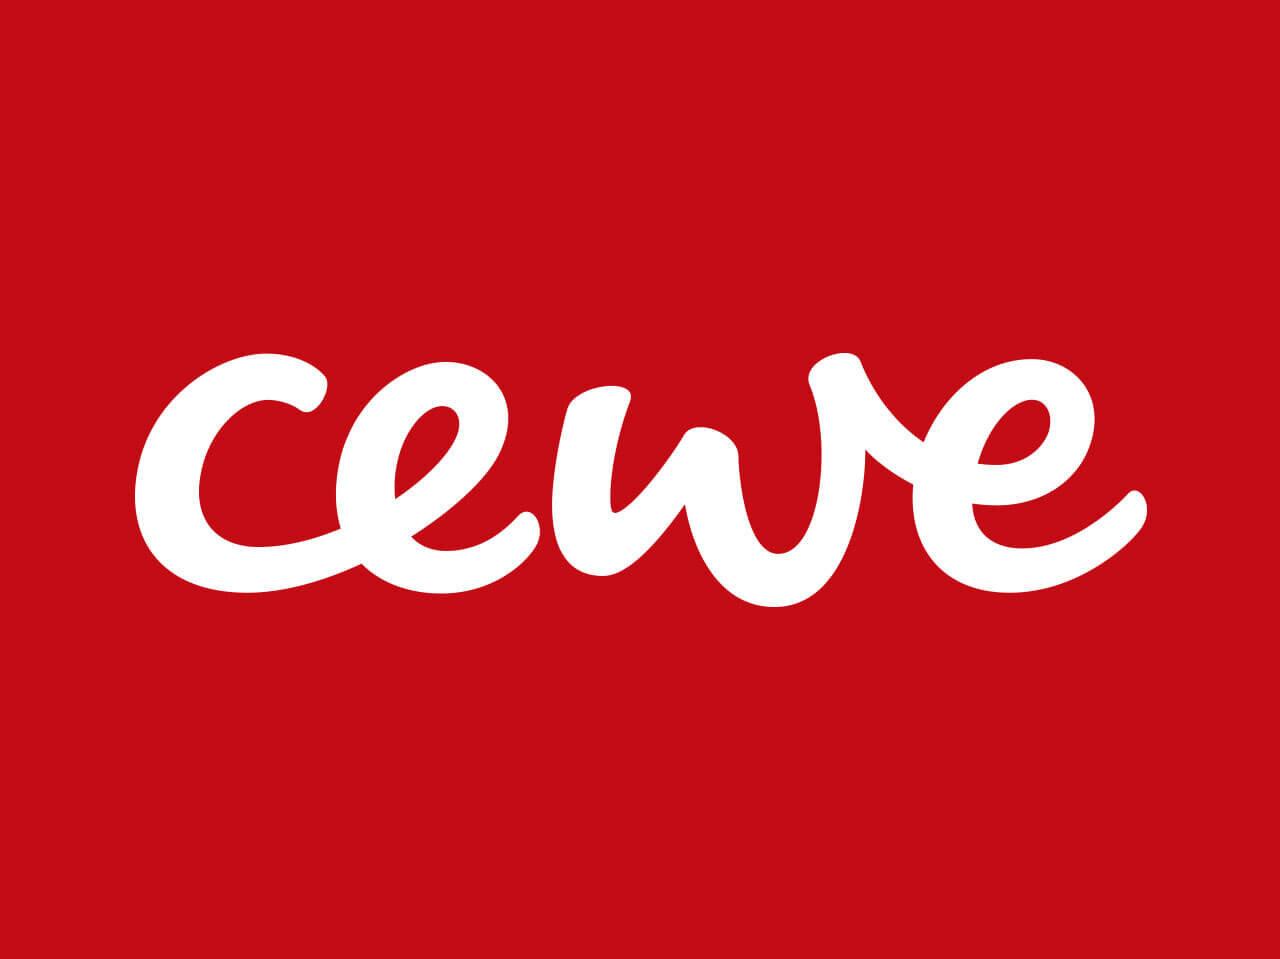 A bejegyzés támogatója - A bejegyzés és az örömteli pillanatok támogatója a CEWE.CEWE tipp: Fogadd meg tanácsainkat és csinálj minél több jó fotót, ugyanis a képeidből a CEWE.HU oldalon szeptemberben akár 74 oldalas fotókönyvet is készíthetsz alapáron!A CEWE fotókönyvekről ide kattintva tudhatsz meg többet!